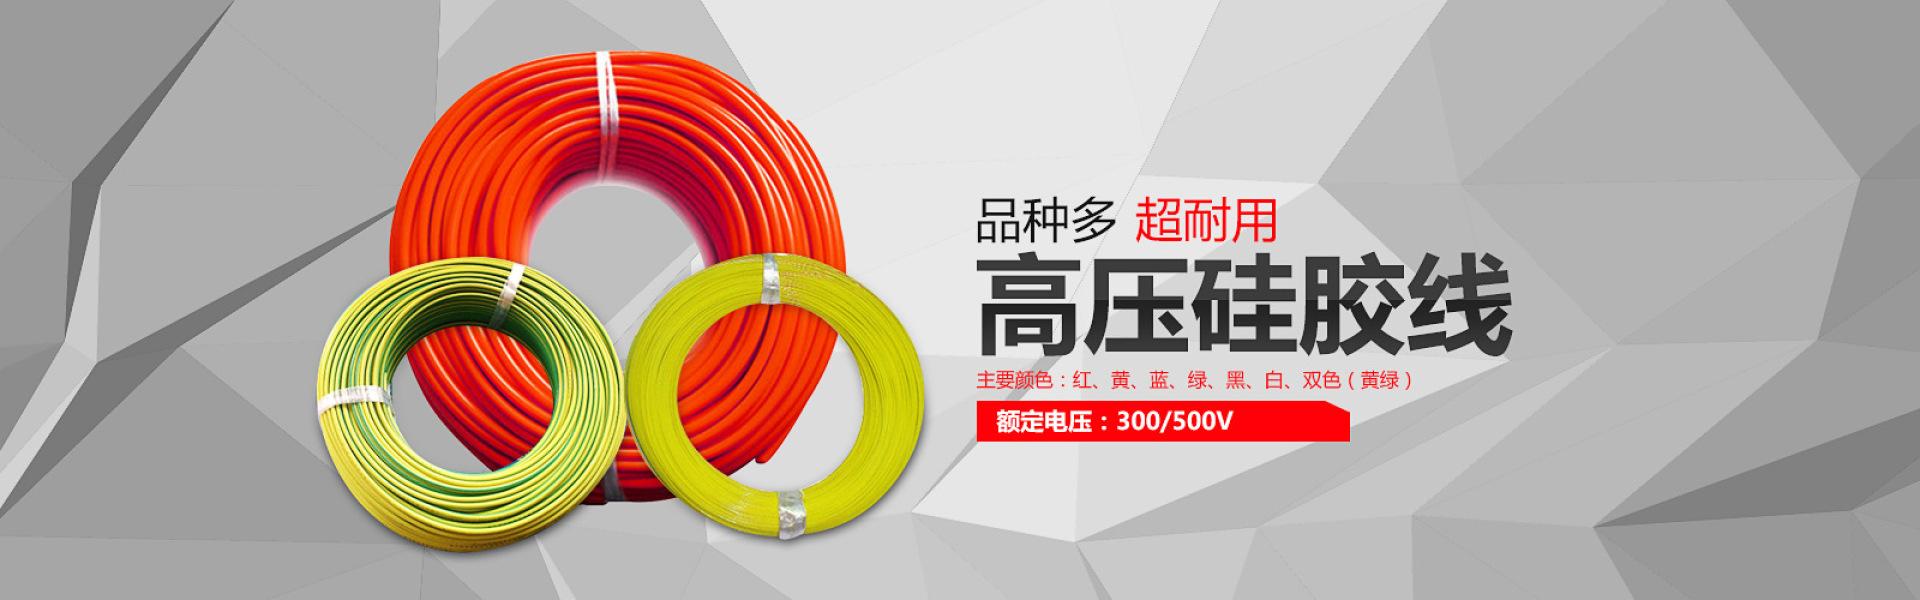 铁氟龙高温线,铁氟龙高温线价格,铁氟龙高温线厂家,东莞市依顿电子科技有限公司